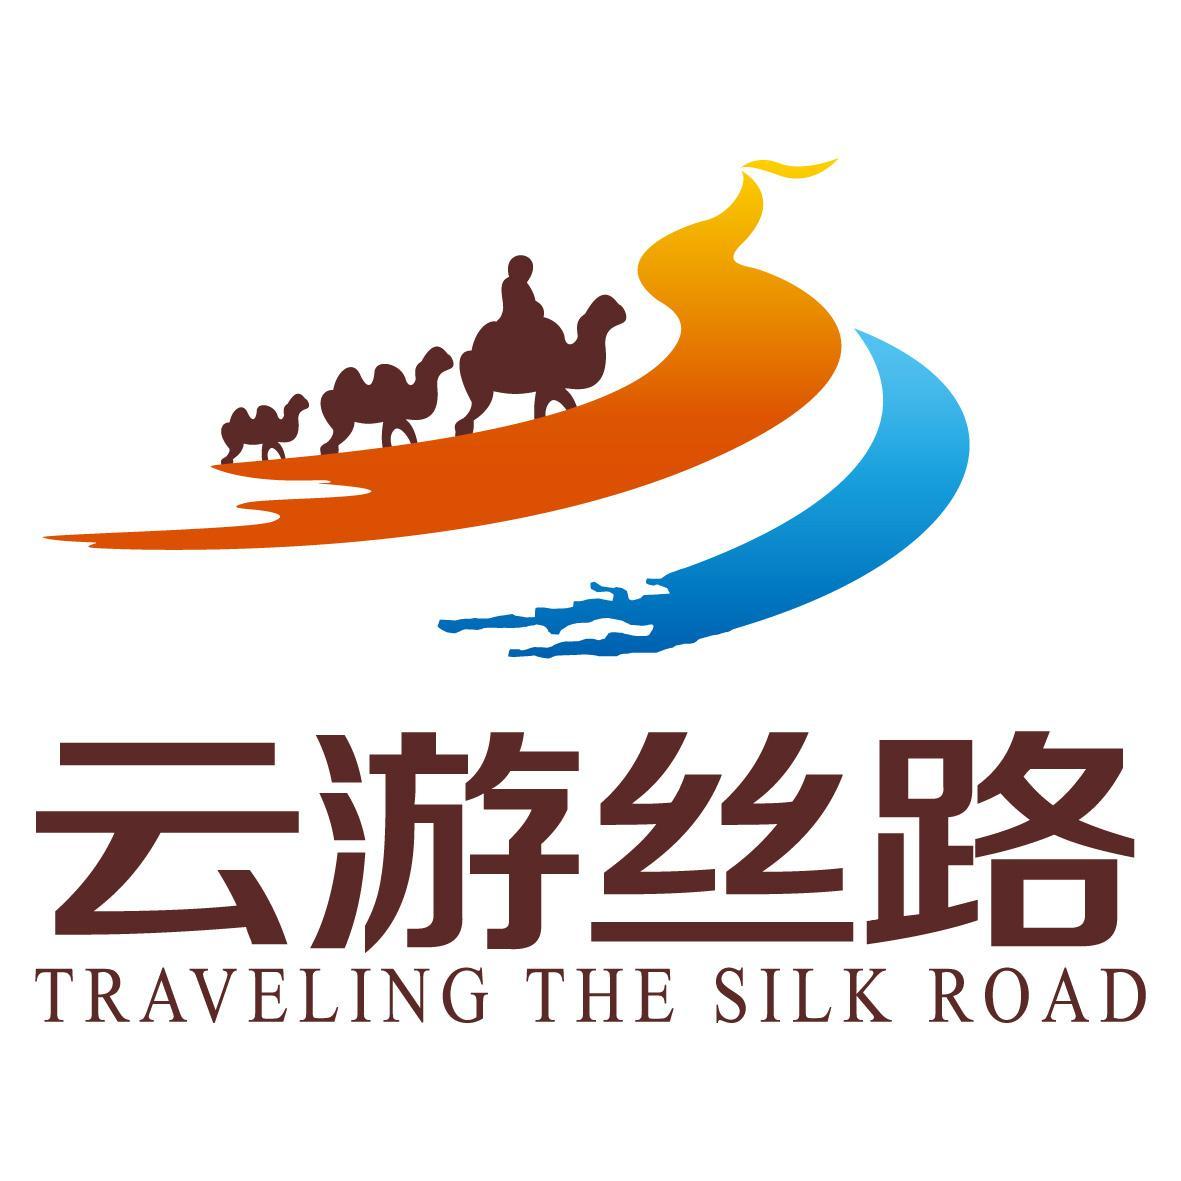 商标名称:云游丝路 traveling the silk road 注册号:19640365 类别